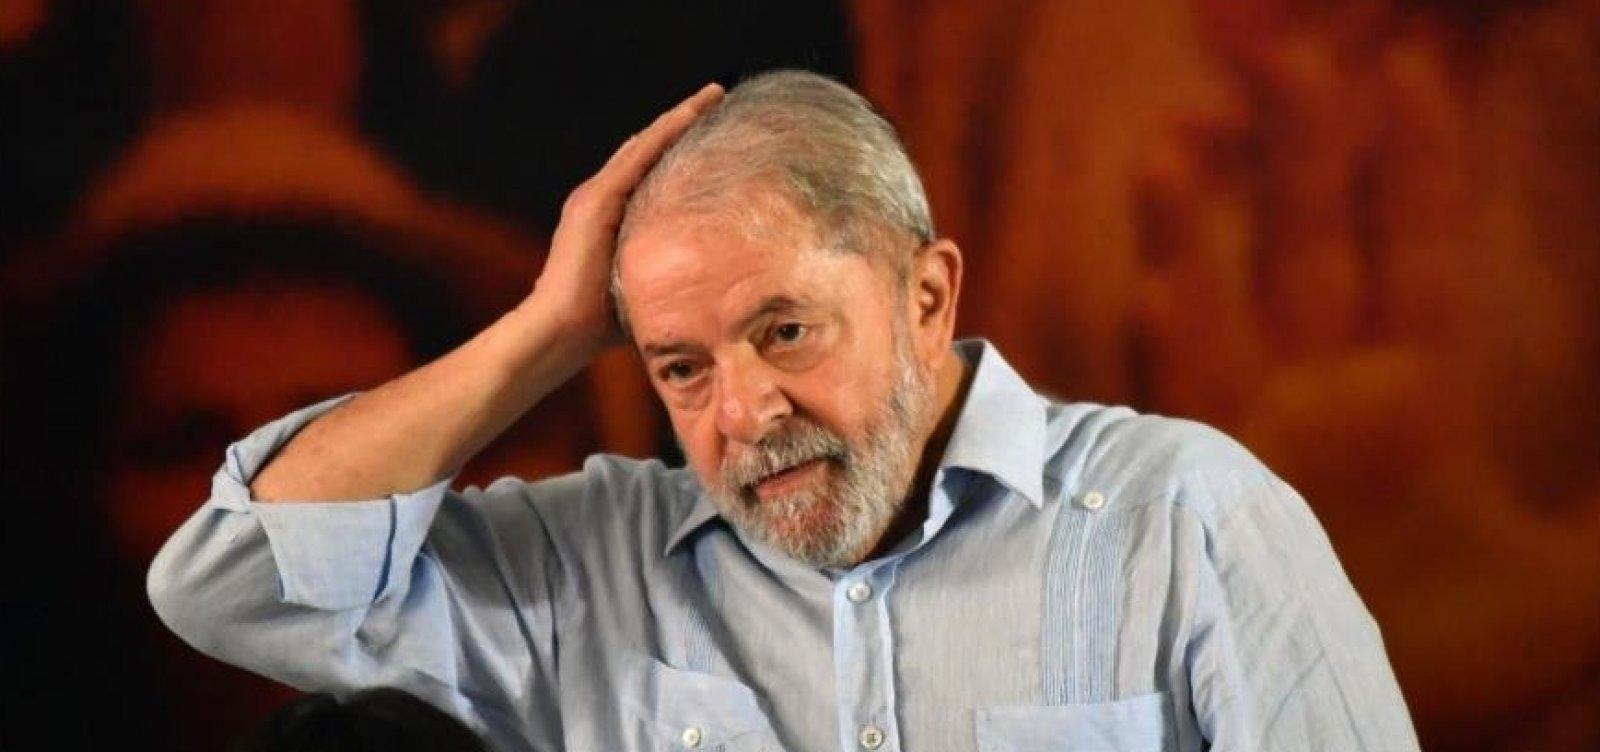 [ Tribunal rejeita pedido de Lula para votar no domingo]